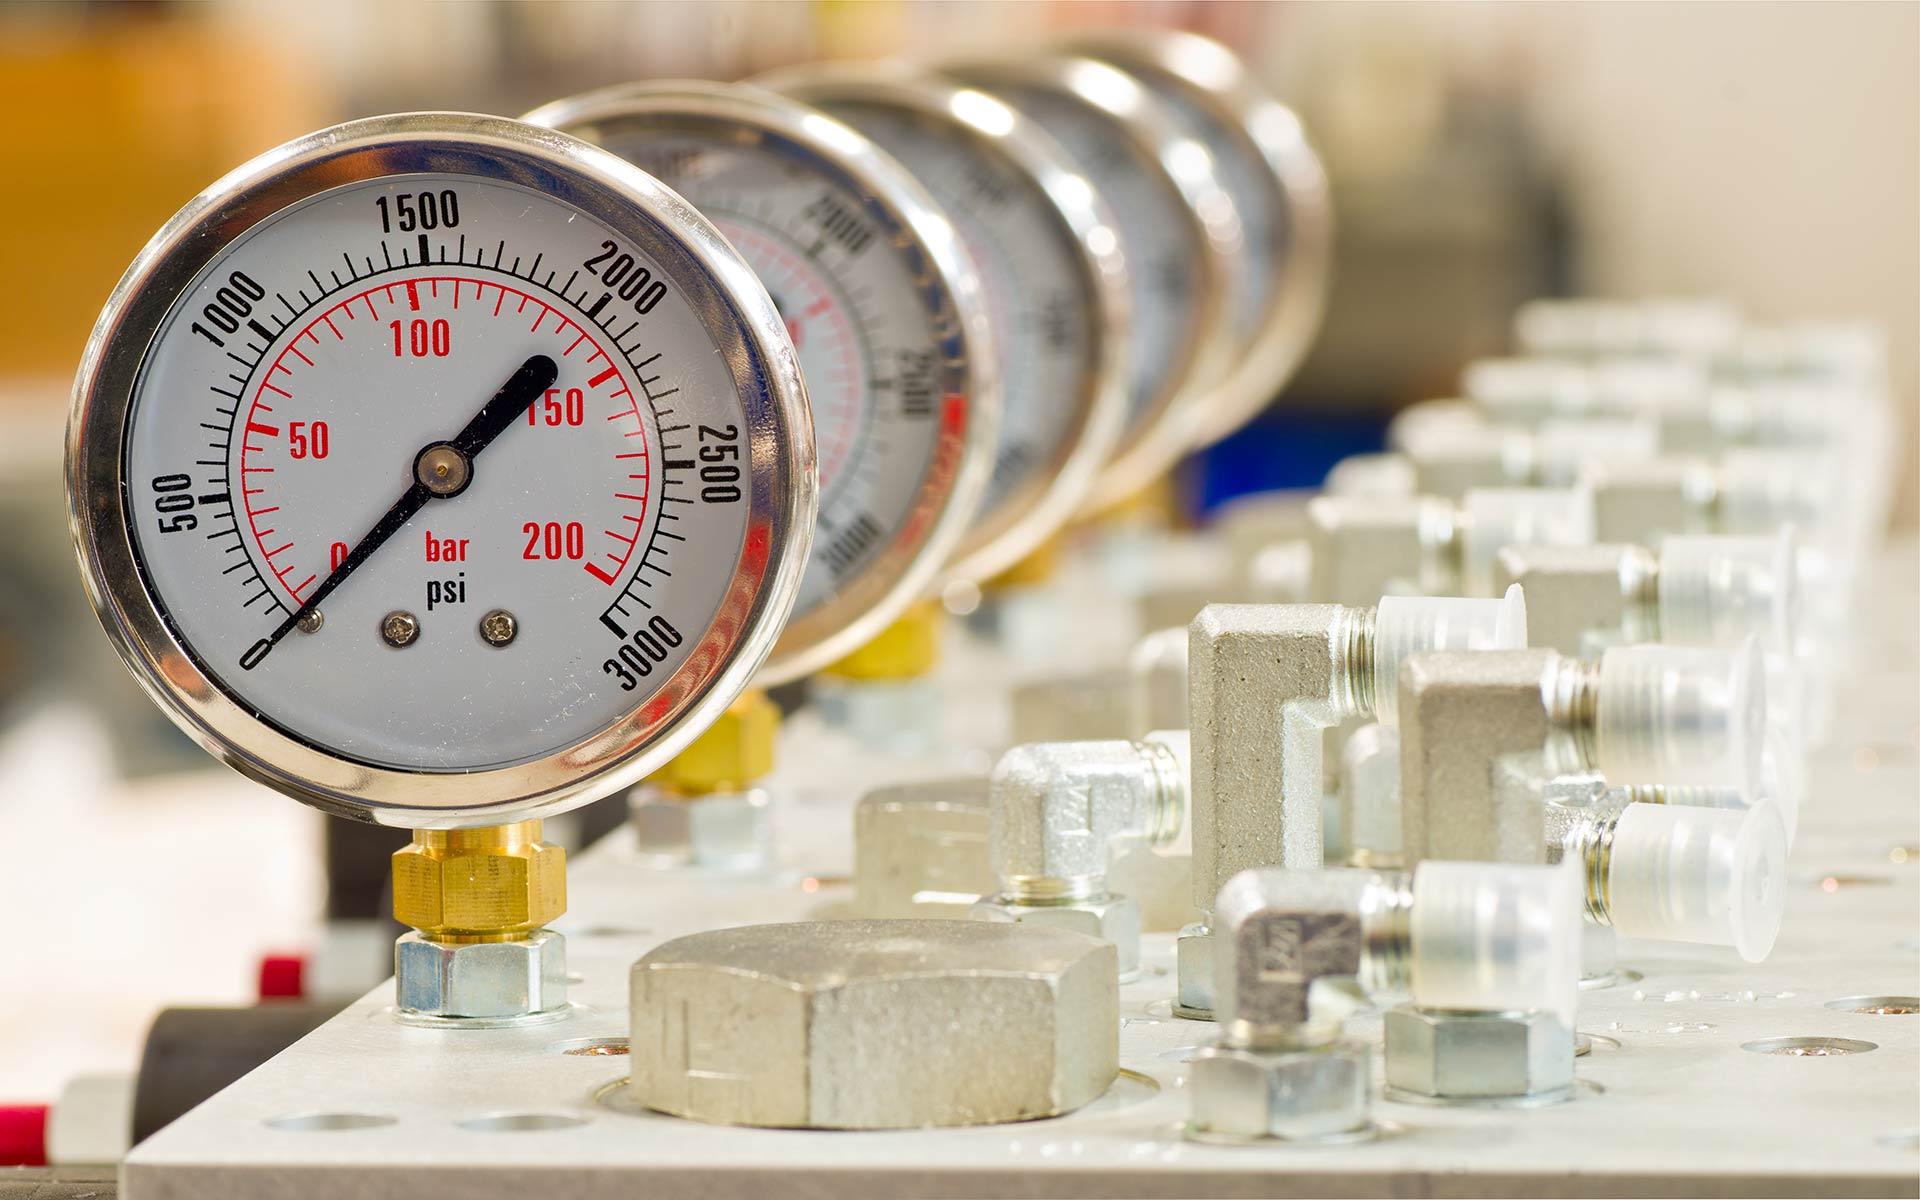 đồng hồ đo áp suất là gì